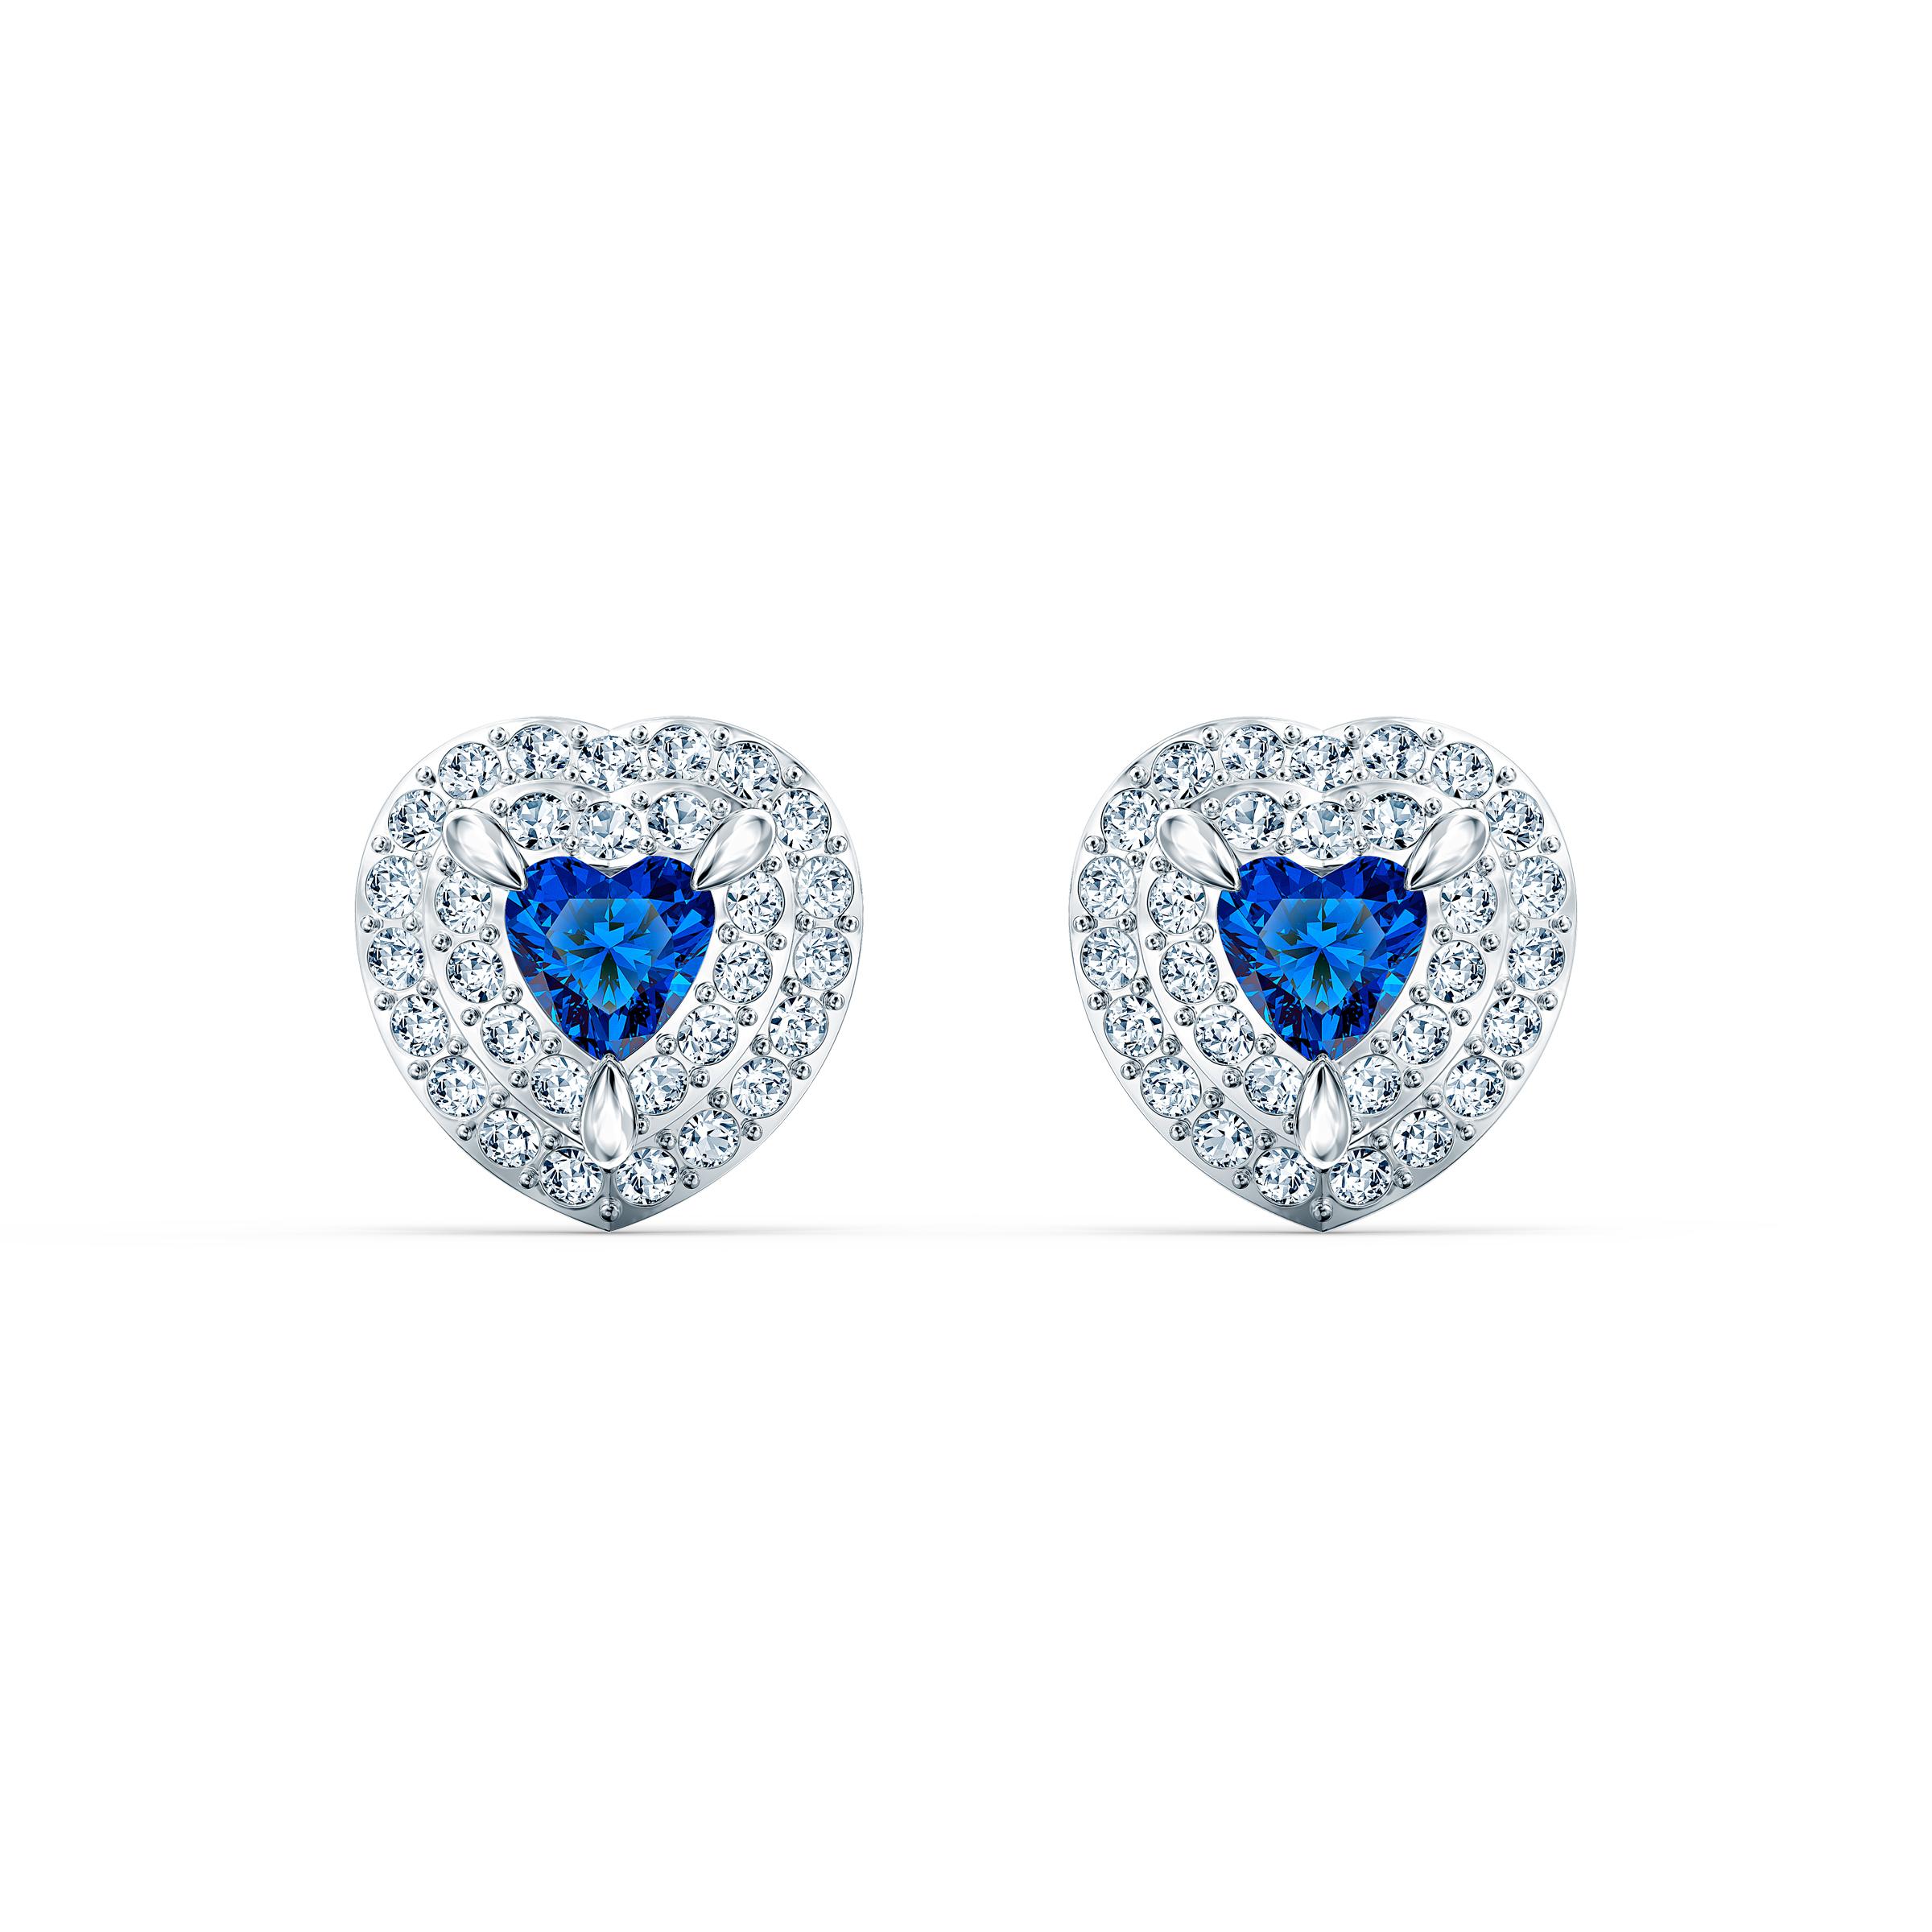 Boucles d'oreilles clous One, bleu, métal rhodié, Swarovski